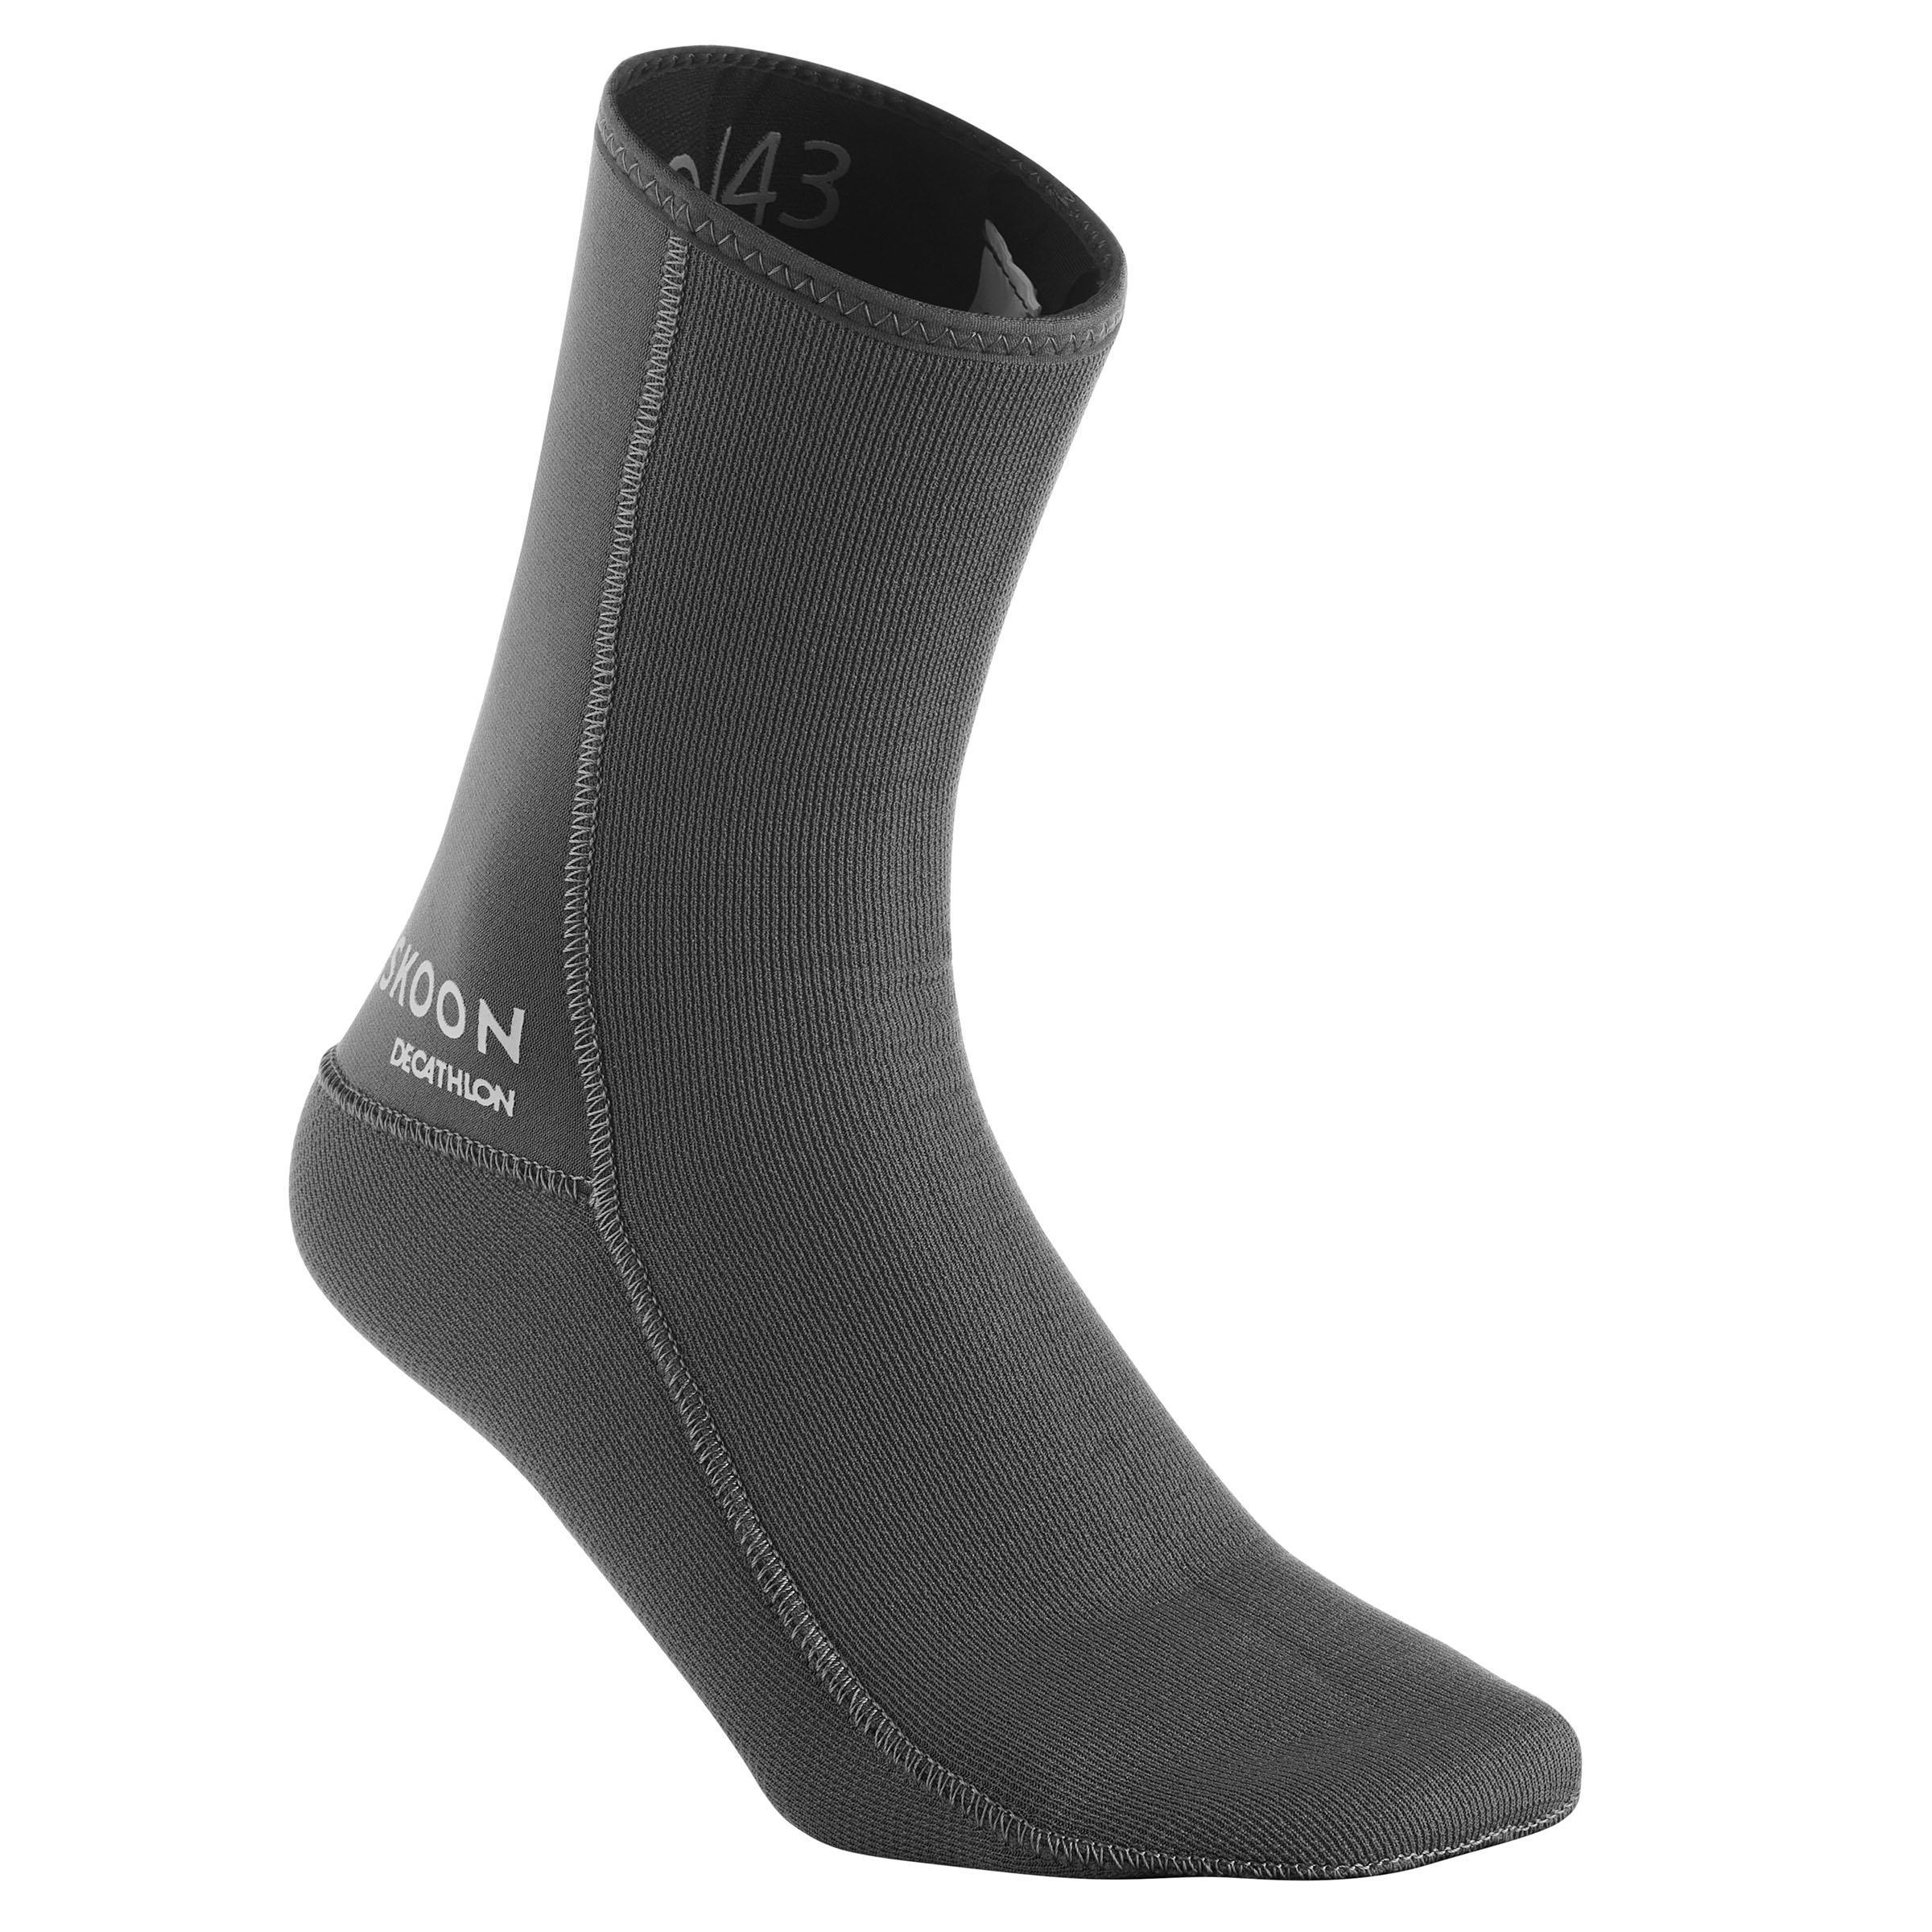 Canyoning-Neoprensocken 3mm Erwachsene   Sportbekleidung > Funktionswäsche > Thermosocken   Maskoon